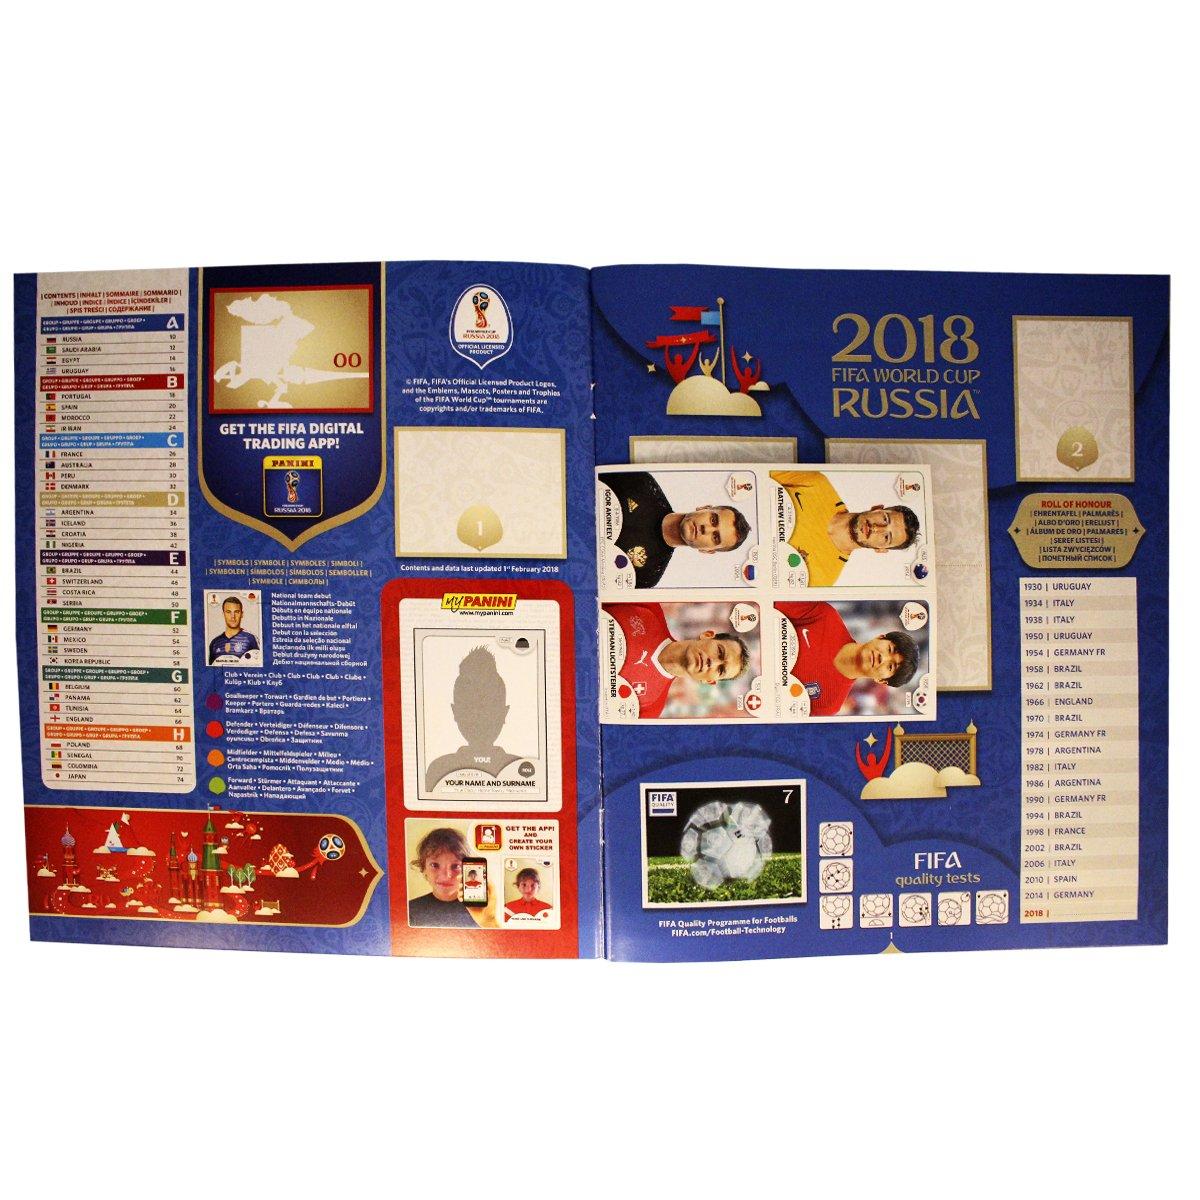 Panini FIFA 2018 Album con Display Cromos: 100 X 5=500 Sticker - Version 682 pcs: Amazon.es: Juguetes y juegos